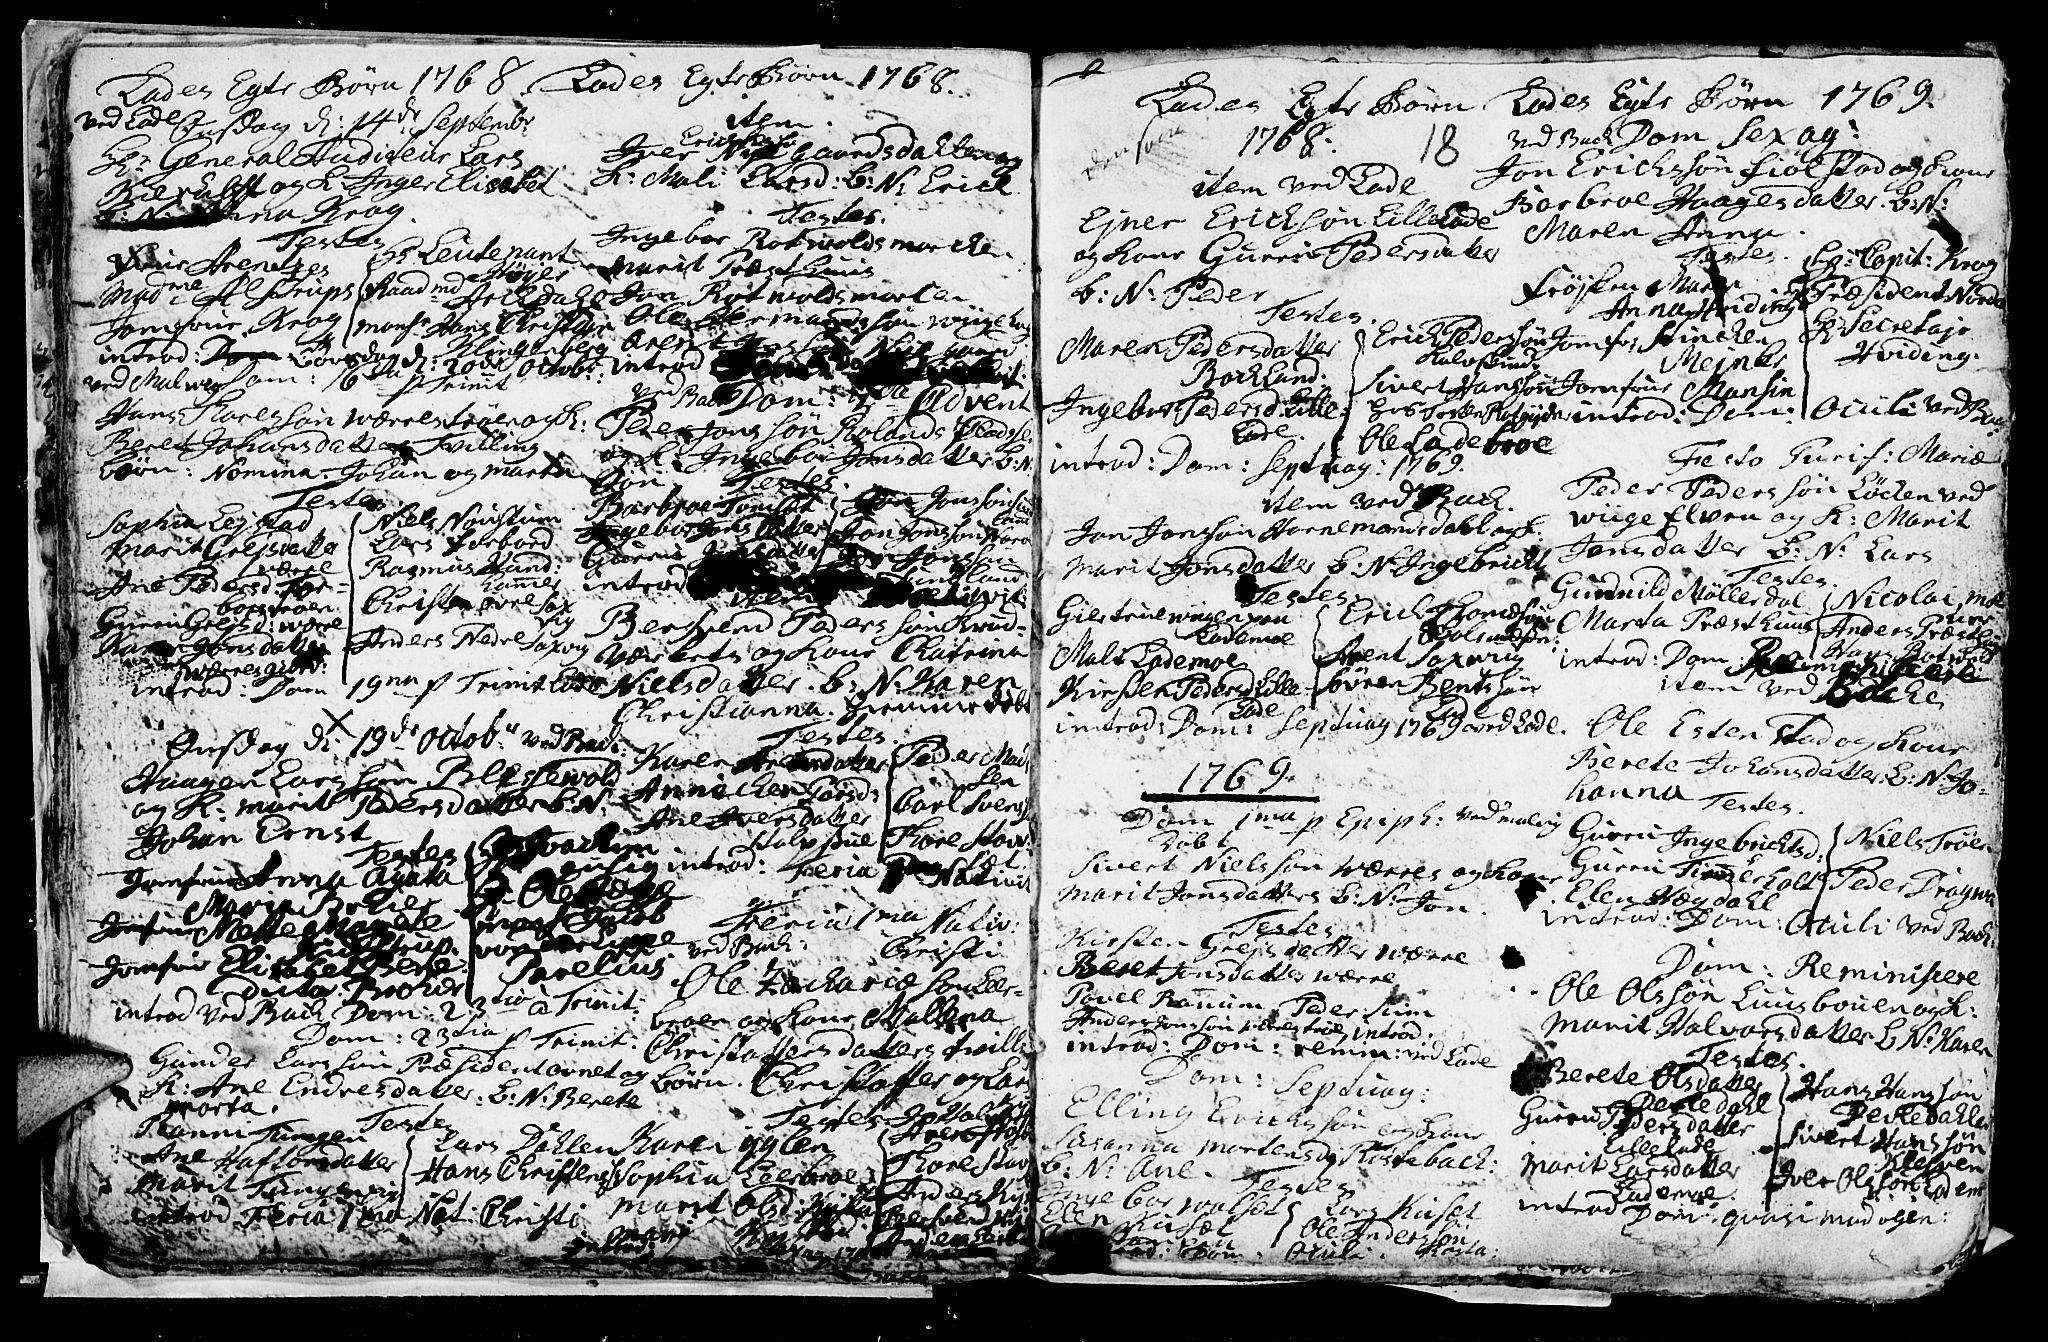 SAT, Ministerialprotokoller, klokkerbøker og fødselsregistre - Sør-Trøndelag, 606/L0305: Klokkerbok nr. 606C01, 1757-1819, s. 18